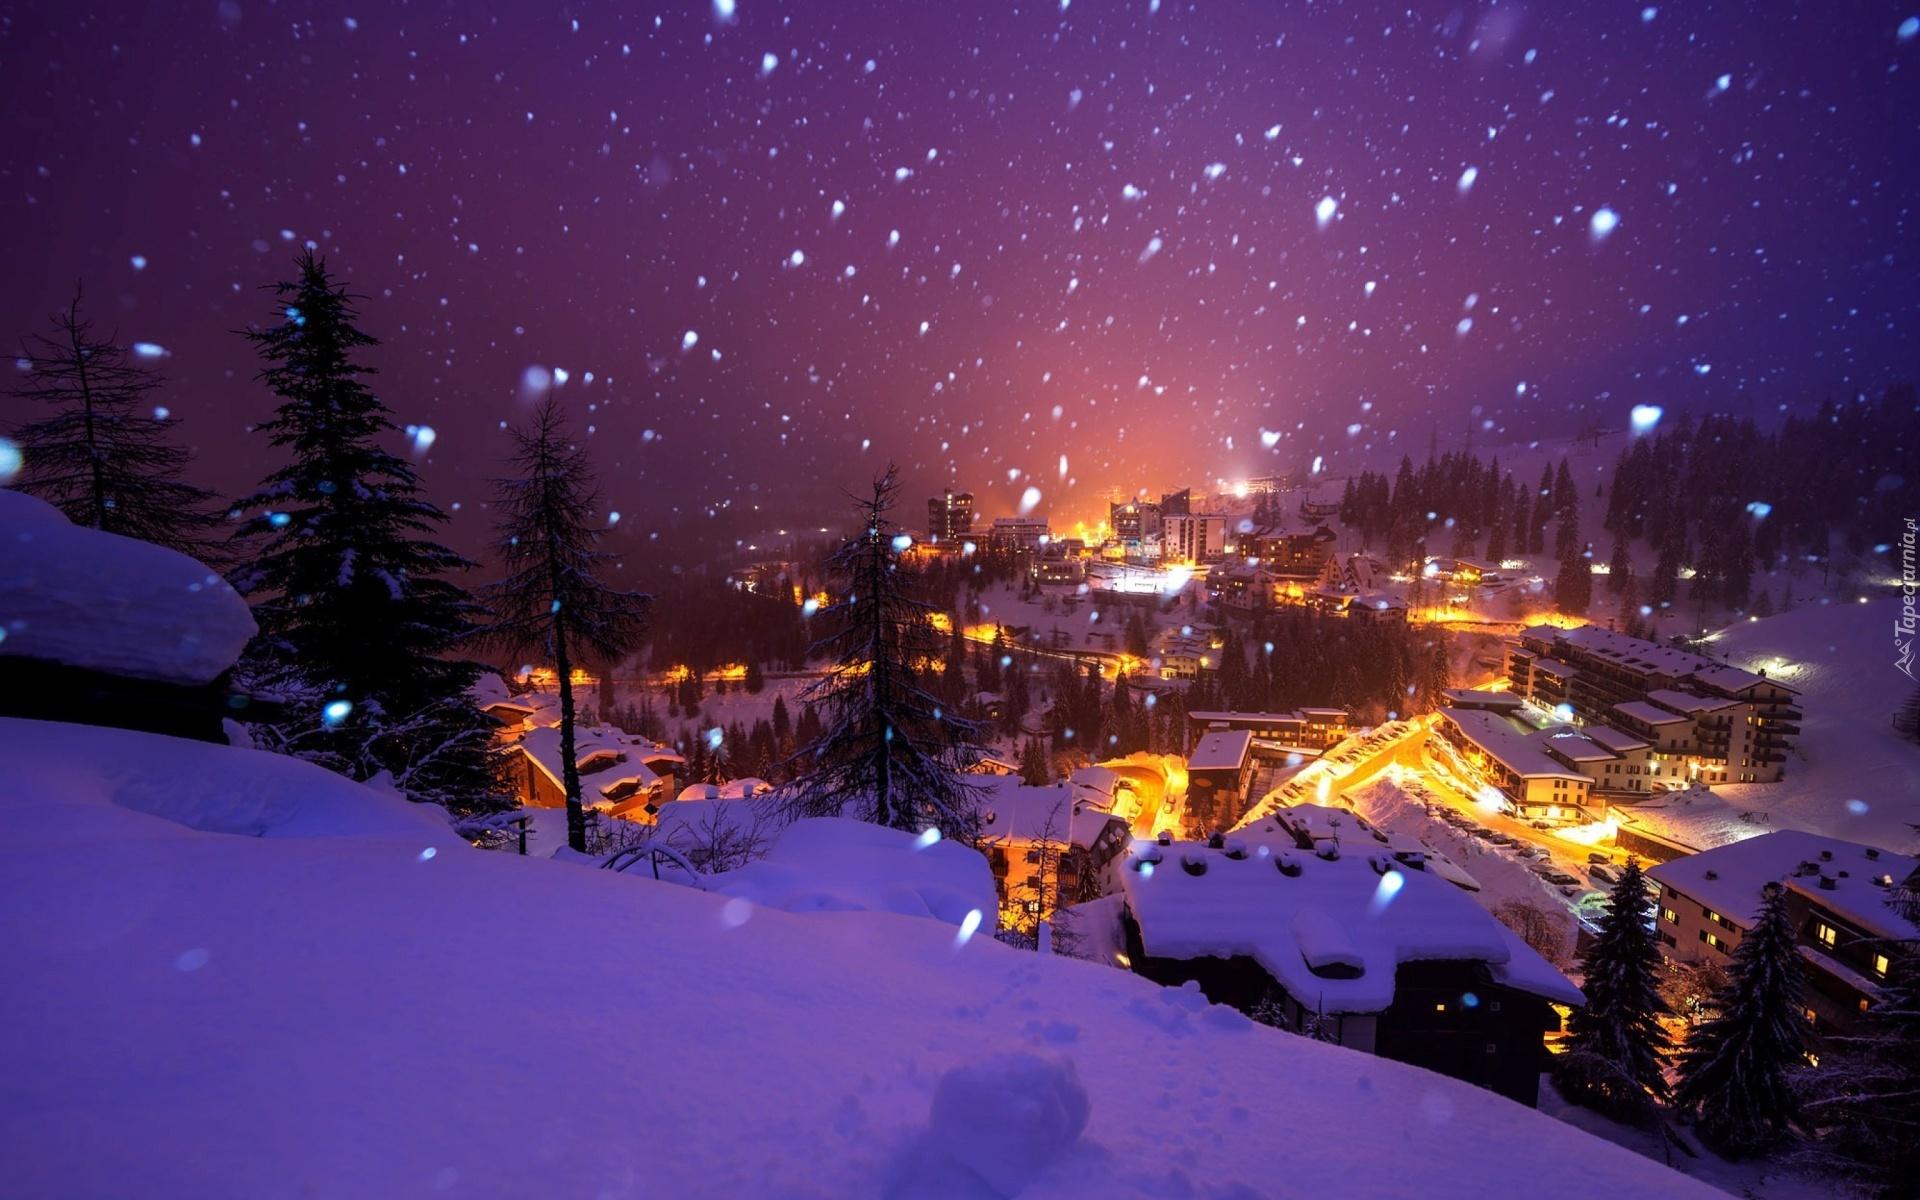 Zima nieg noc miasto for Immagini per desktop inverno